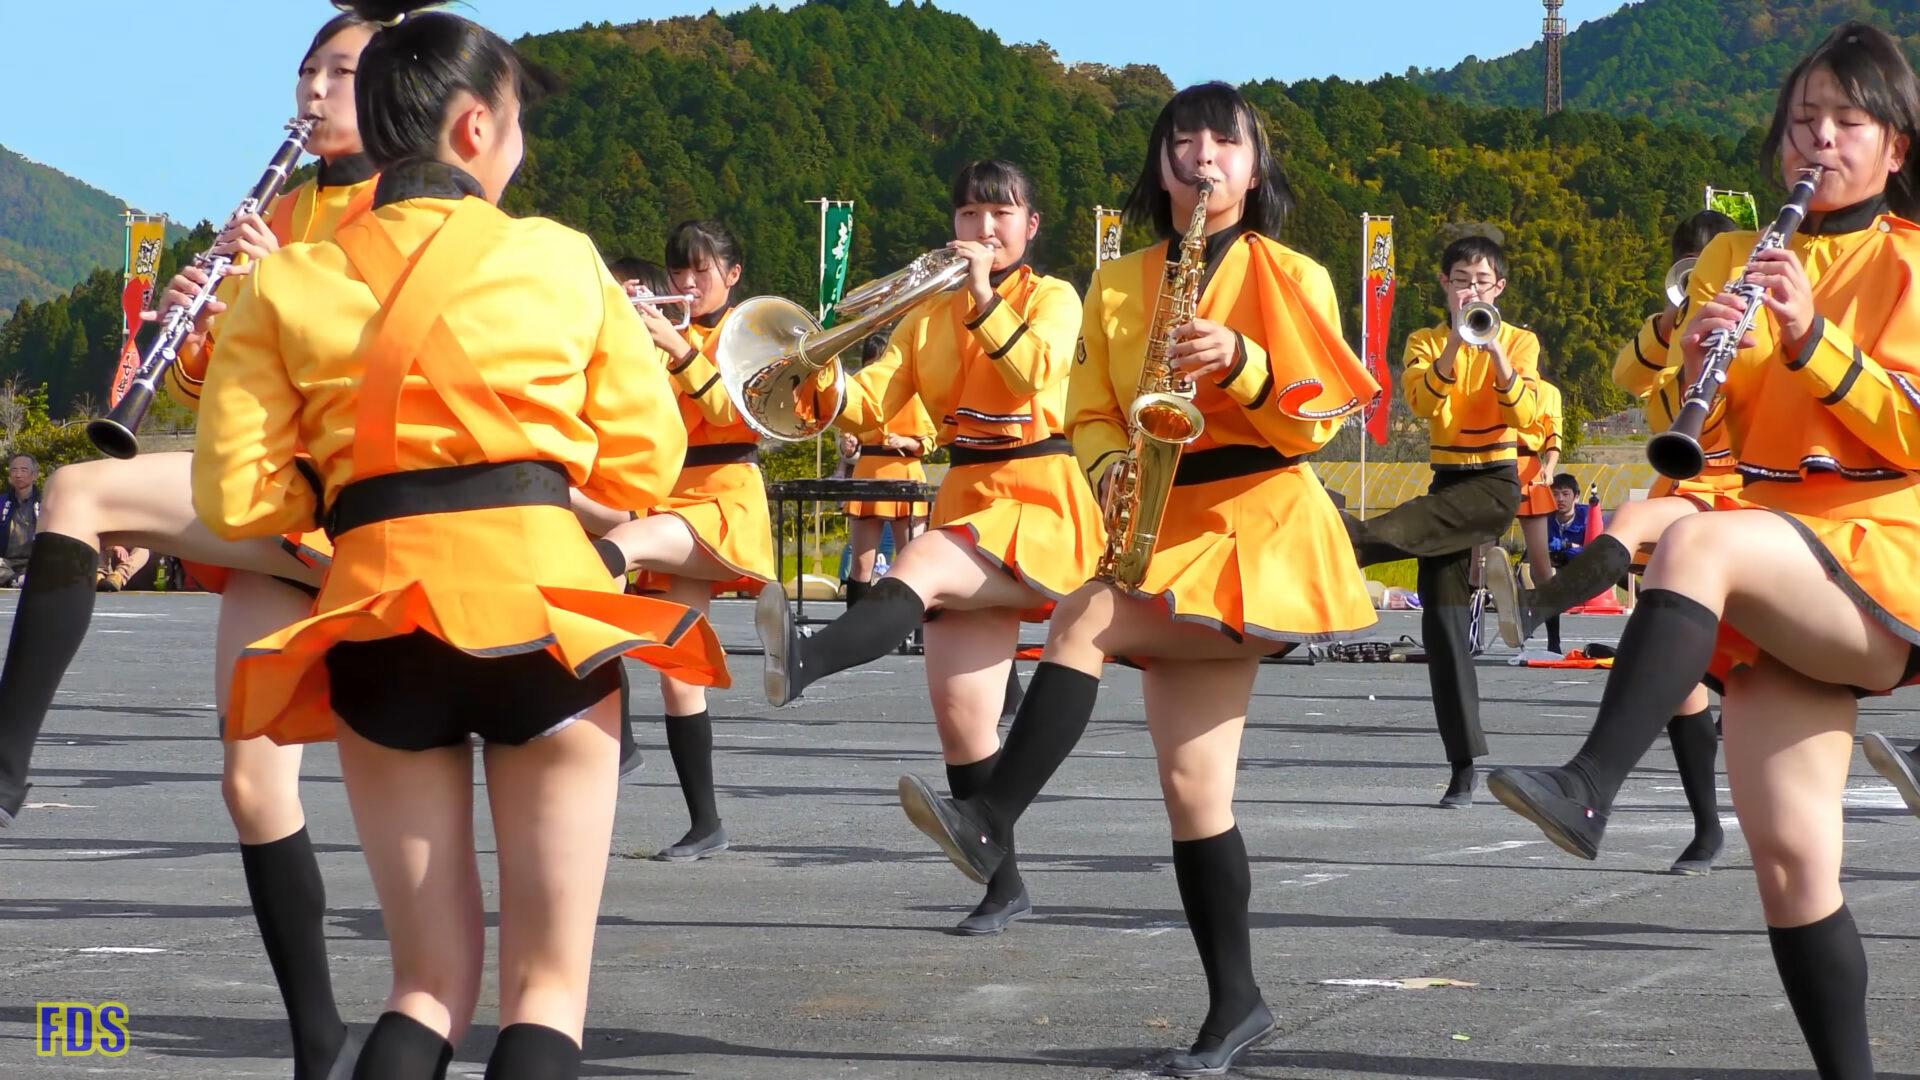 京都橘高校 吹奏楽部 大江山酒呑童子祭り マーチングドリル (後半) Kyoto Tachibana SHS Band [4K] 04:19